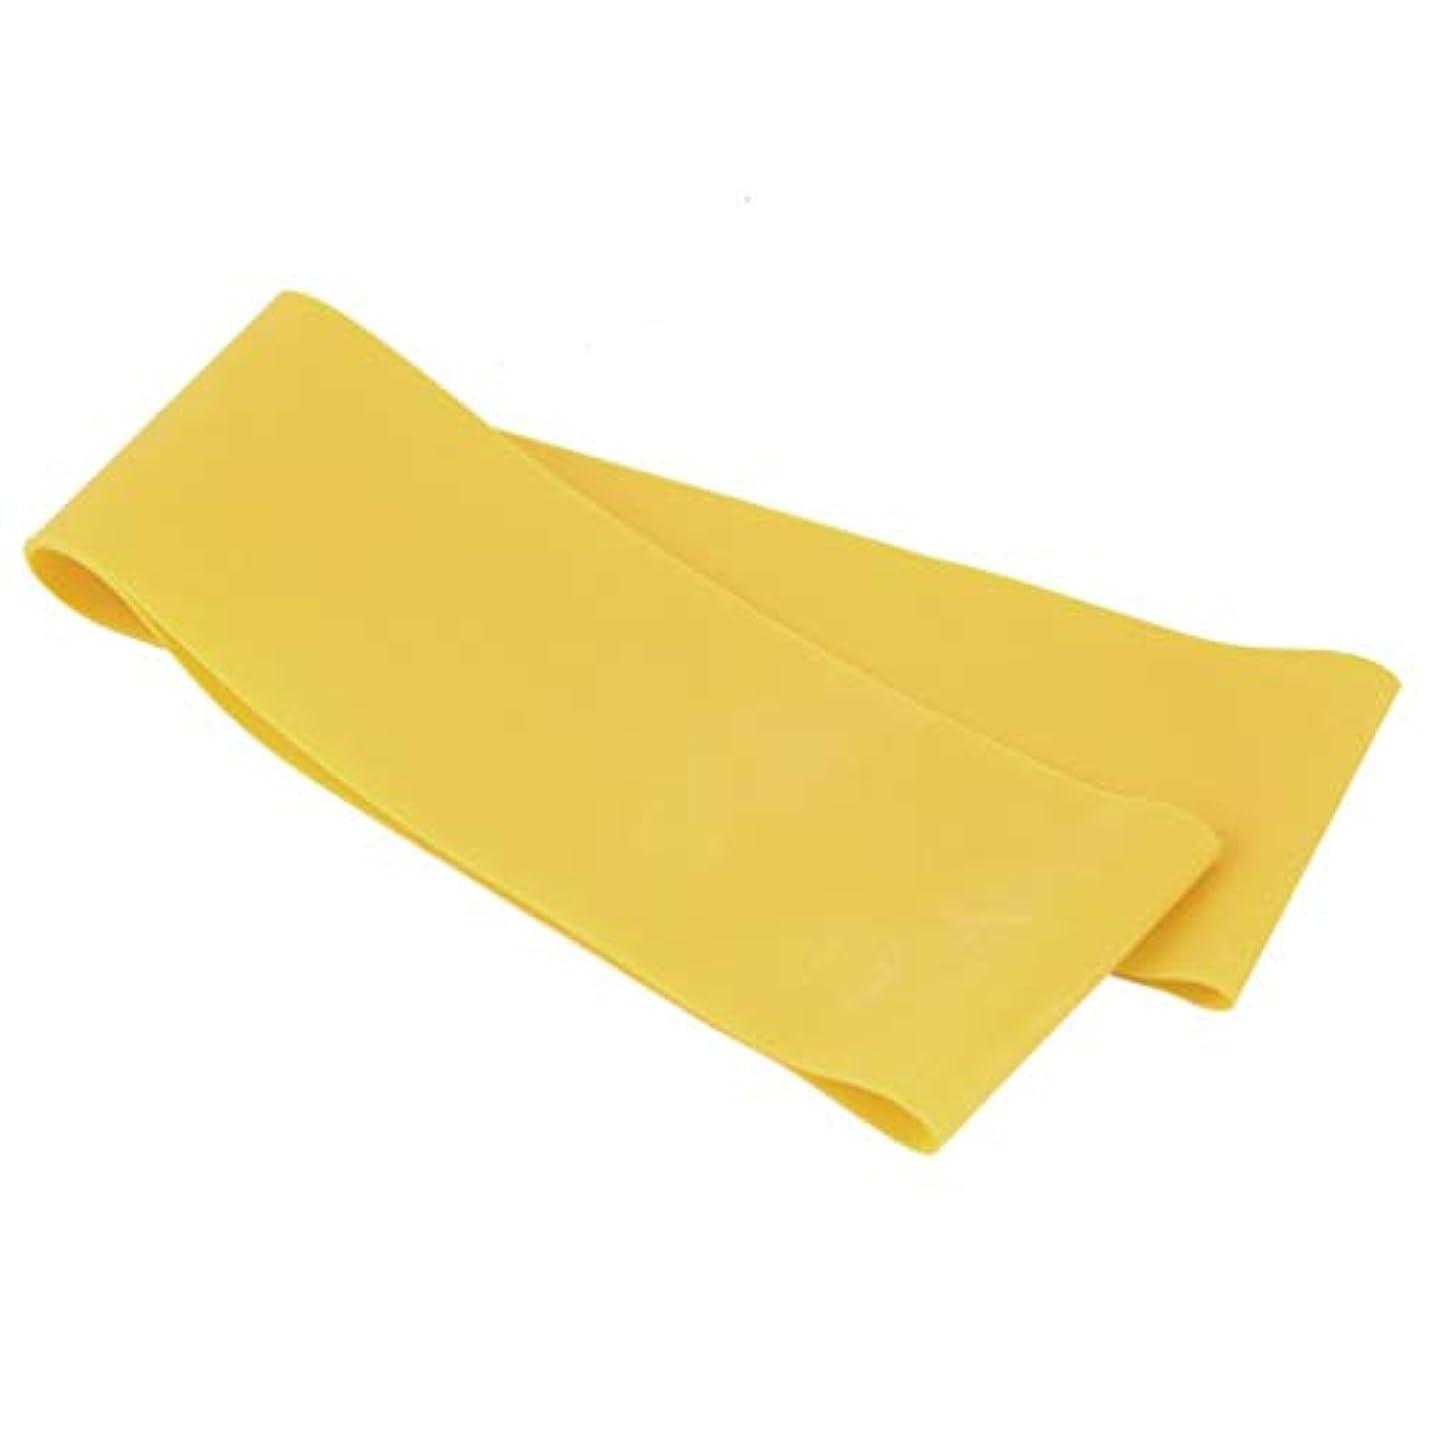 苦い指導するパンサー滑り止めの伸縮性のあるゴム製伸縮性があるヨガのベルトバンド引きロープの張力抵抗バンドループ強さのためのフィットネスヨガツール - 黄色